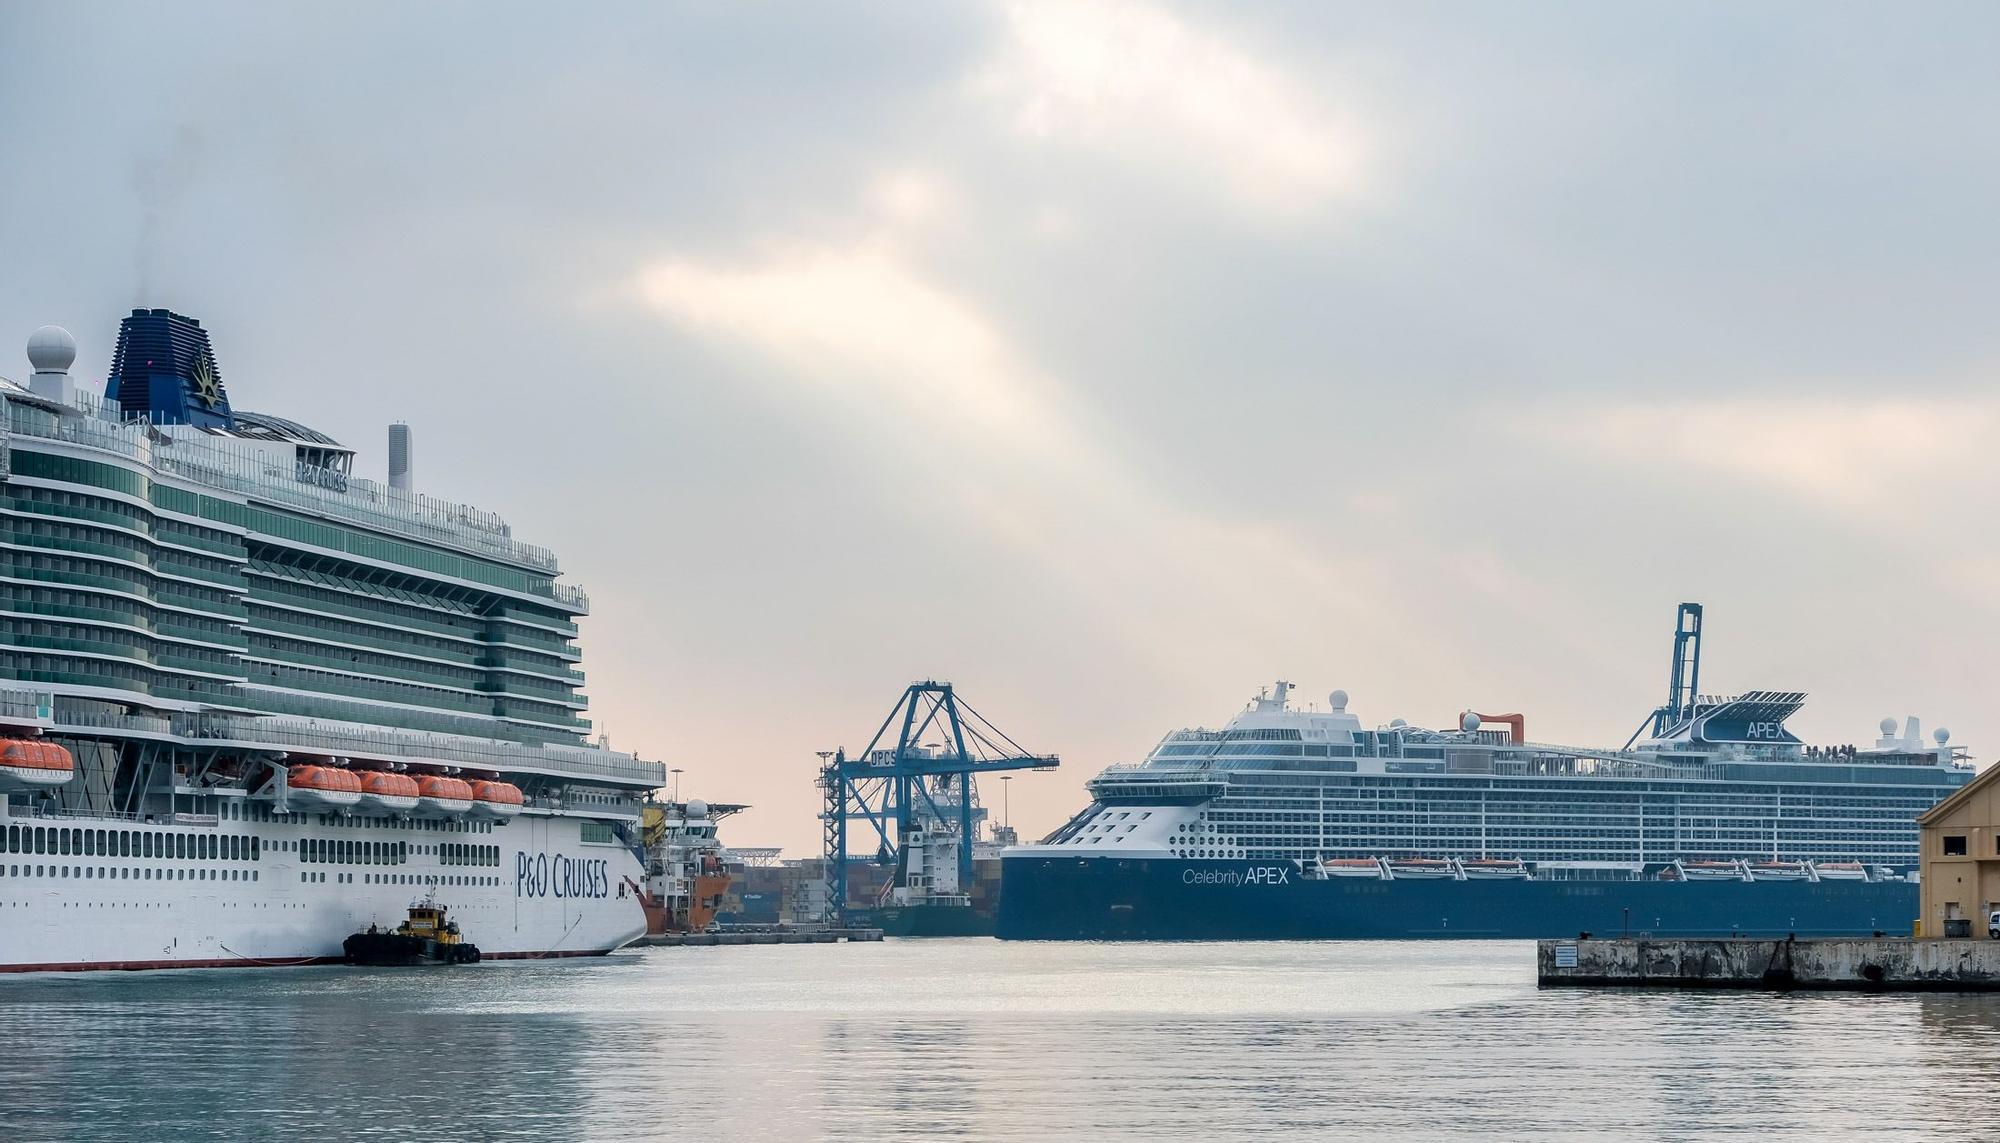 Visita inaugural de los cruceros 'Iona', de P&O Cruises, y 'Celebrity Apex', de la naviera Celebrity Cruises